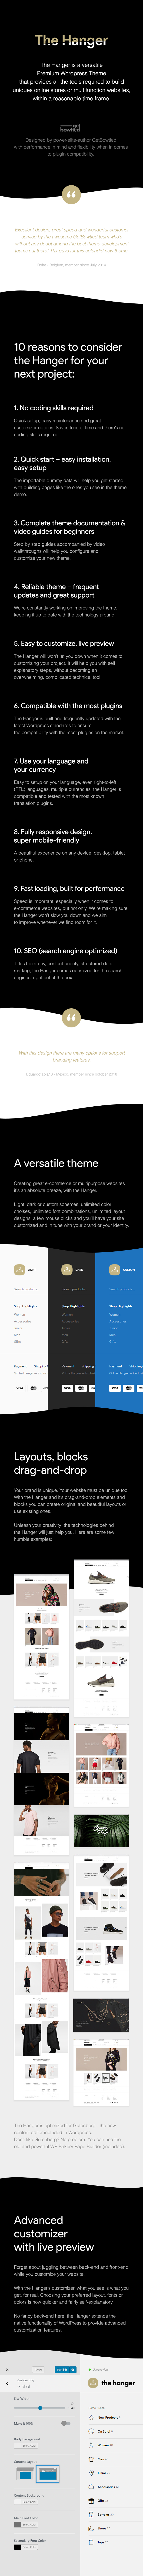 The Hanger - vielseitiges eCommerce-Wordpress-Layout für WooCommerce - 1